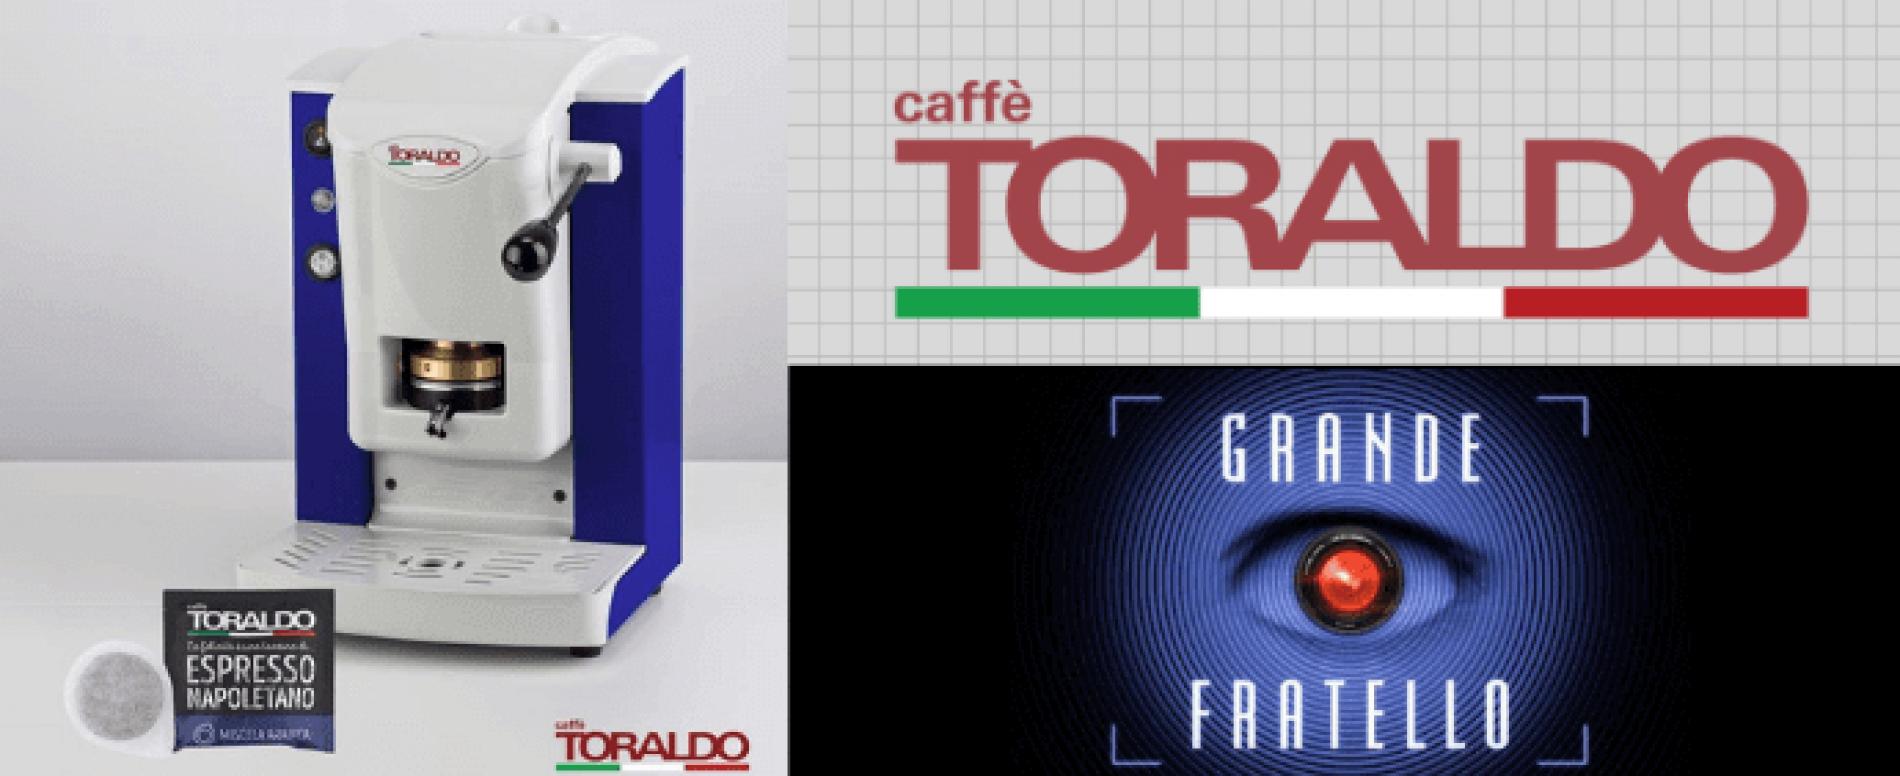 Caffè Toraldo è il caffè ufficiale della casa del Grande Fratello